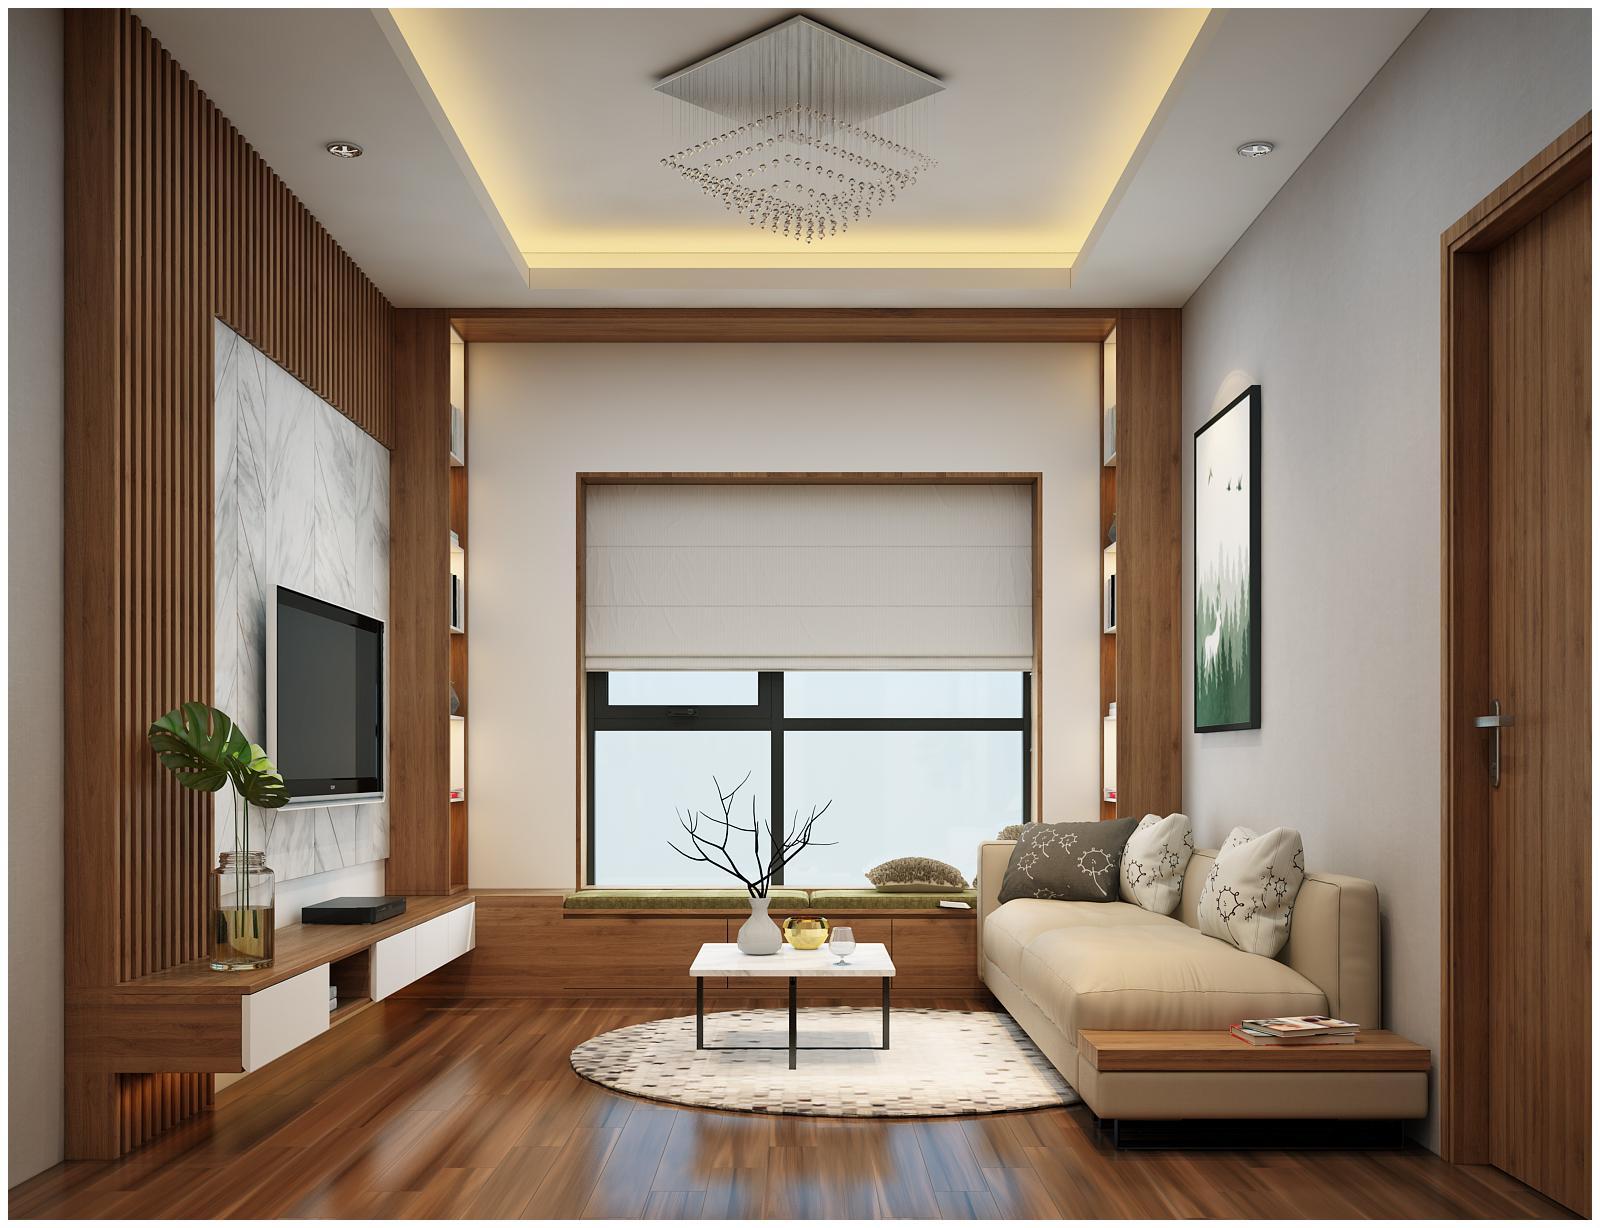 Tận dụng tối đa không gian khi thiết kế nội thất chung cư 65m2